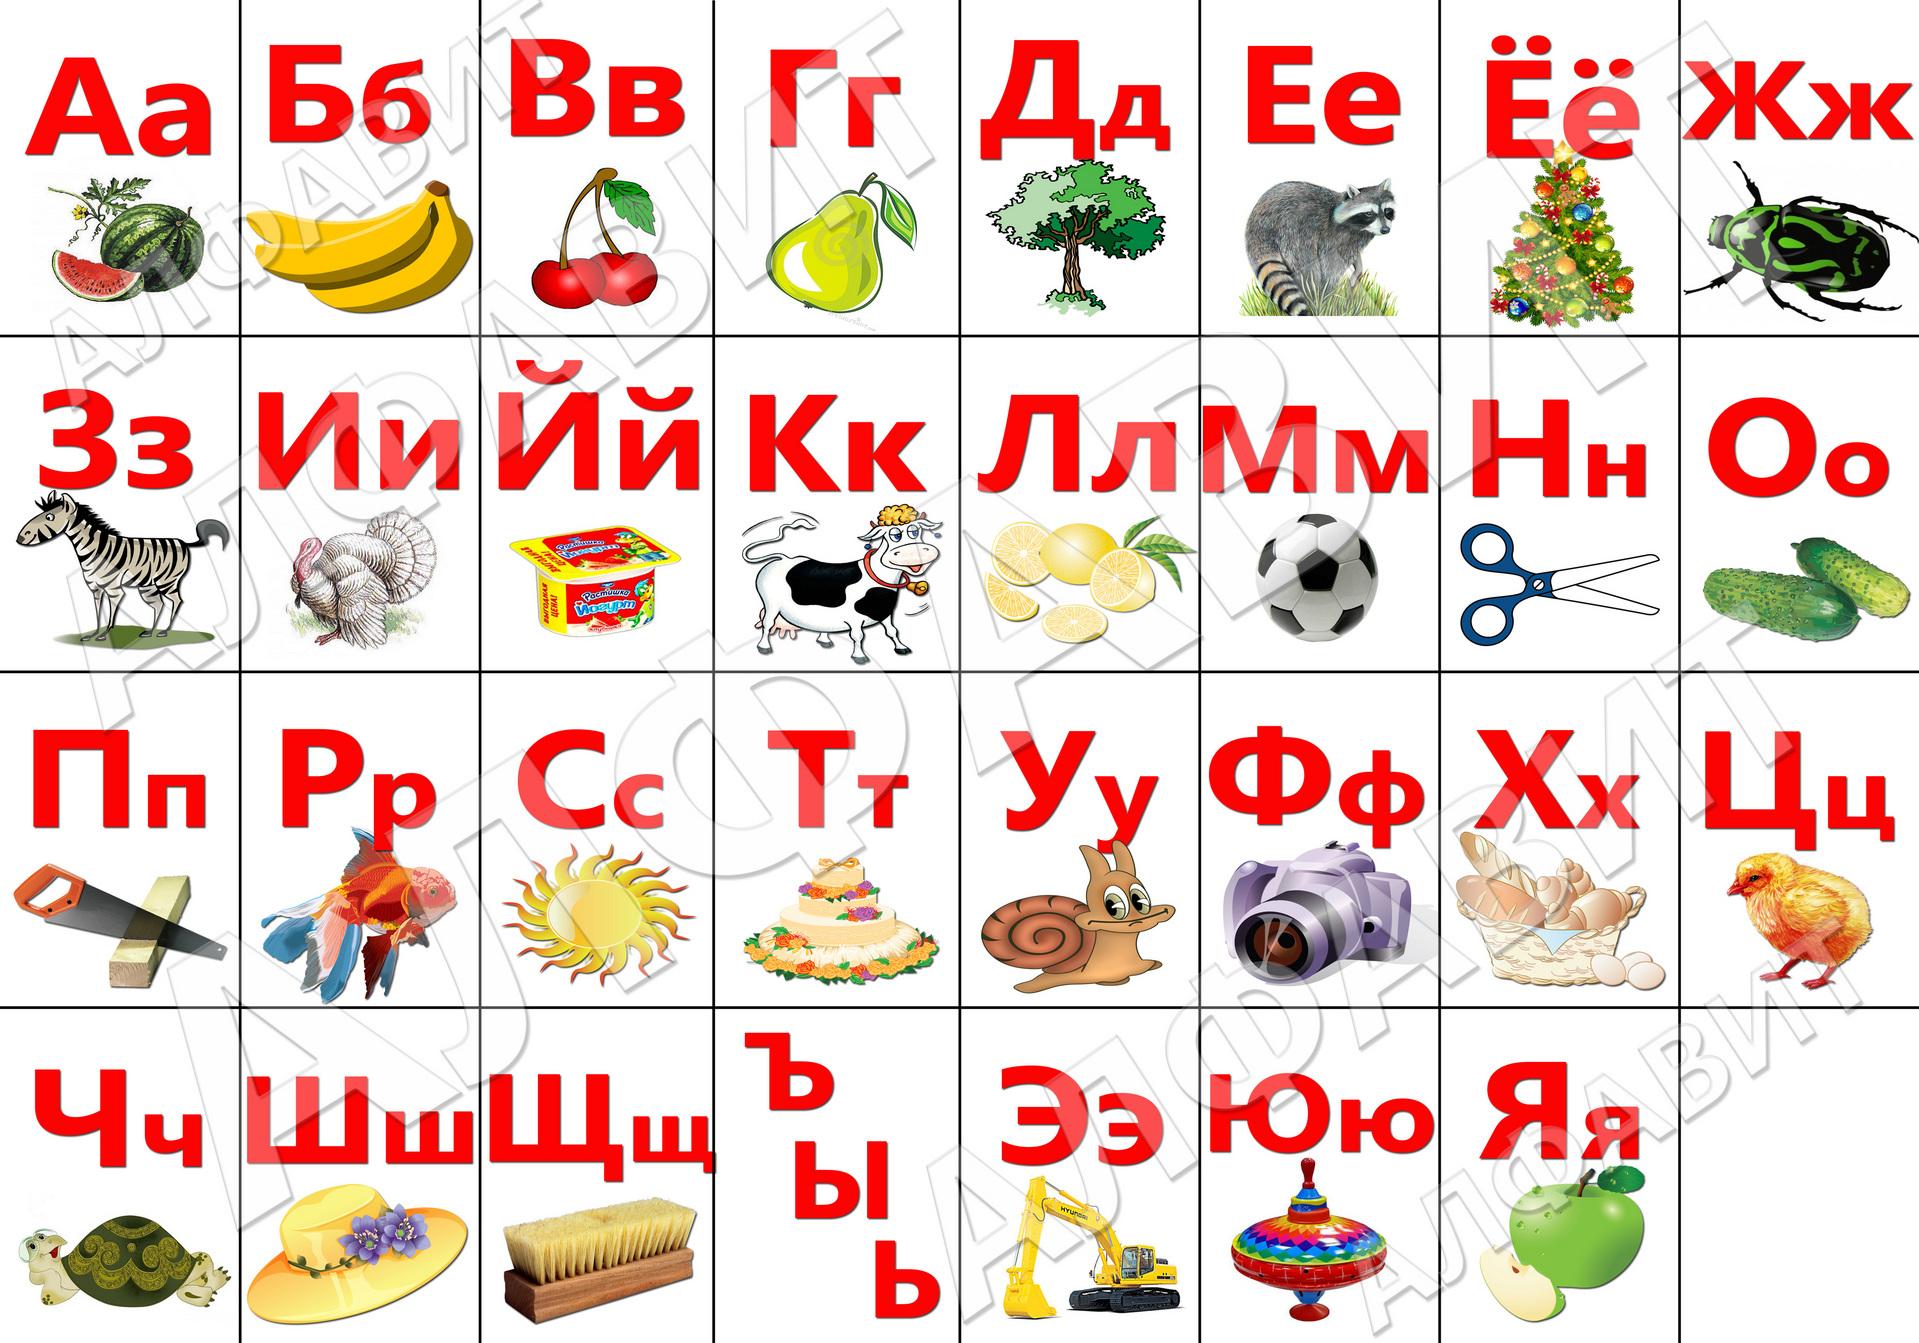 Русский алфавит для детей картинки распечатать